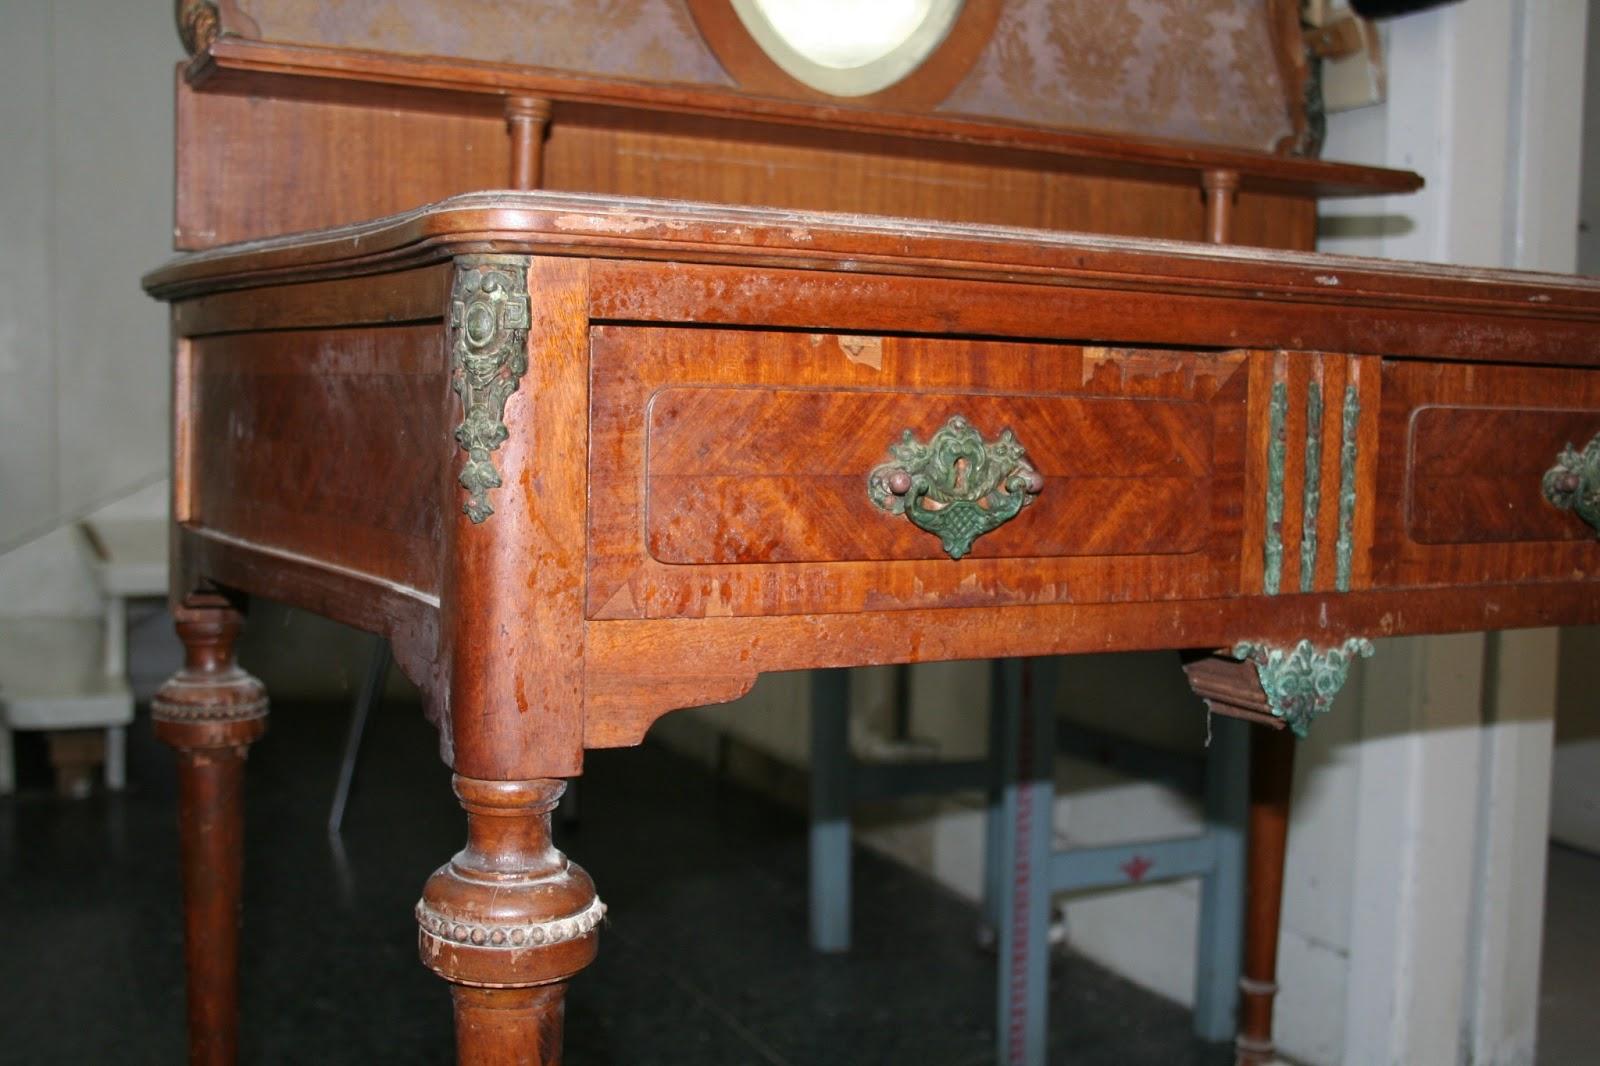 Conservaci N Preventiva Y Restauraci N De Muebles # Muebles Renacentistas